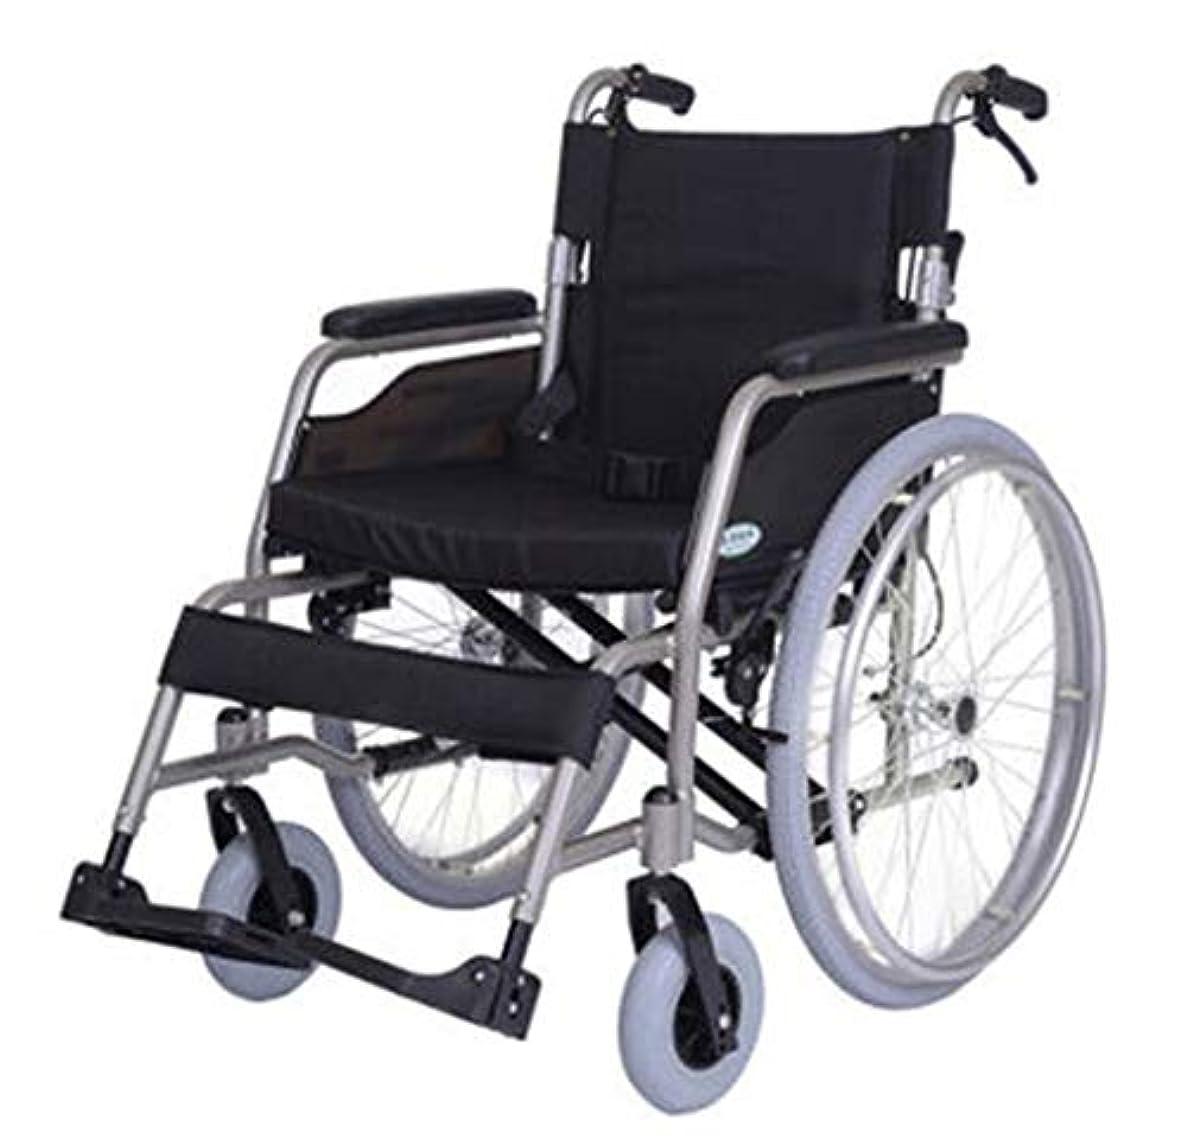 数守る皮肉な車椅子のシート幅を50センチに広げ、折りたたみ式車椅子、高齢者が旅行するのに適している